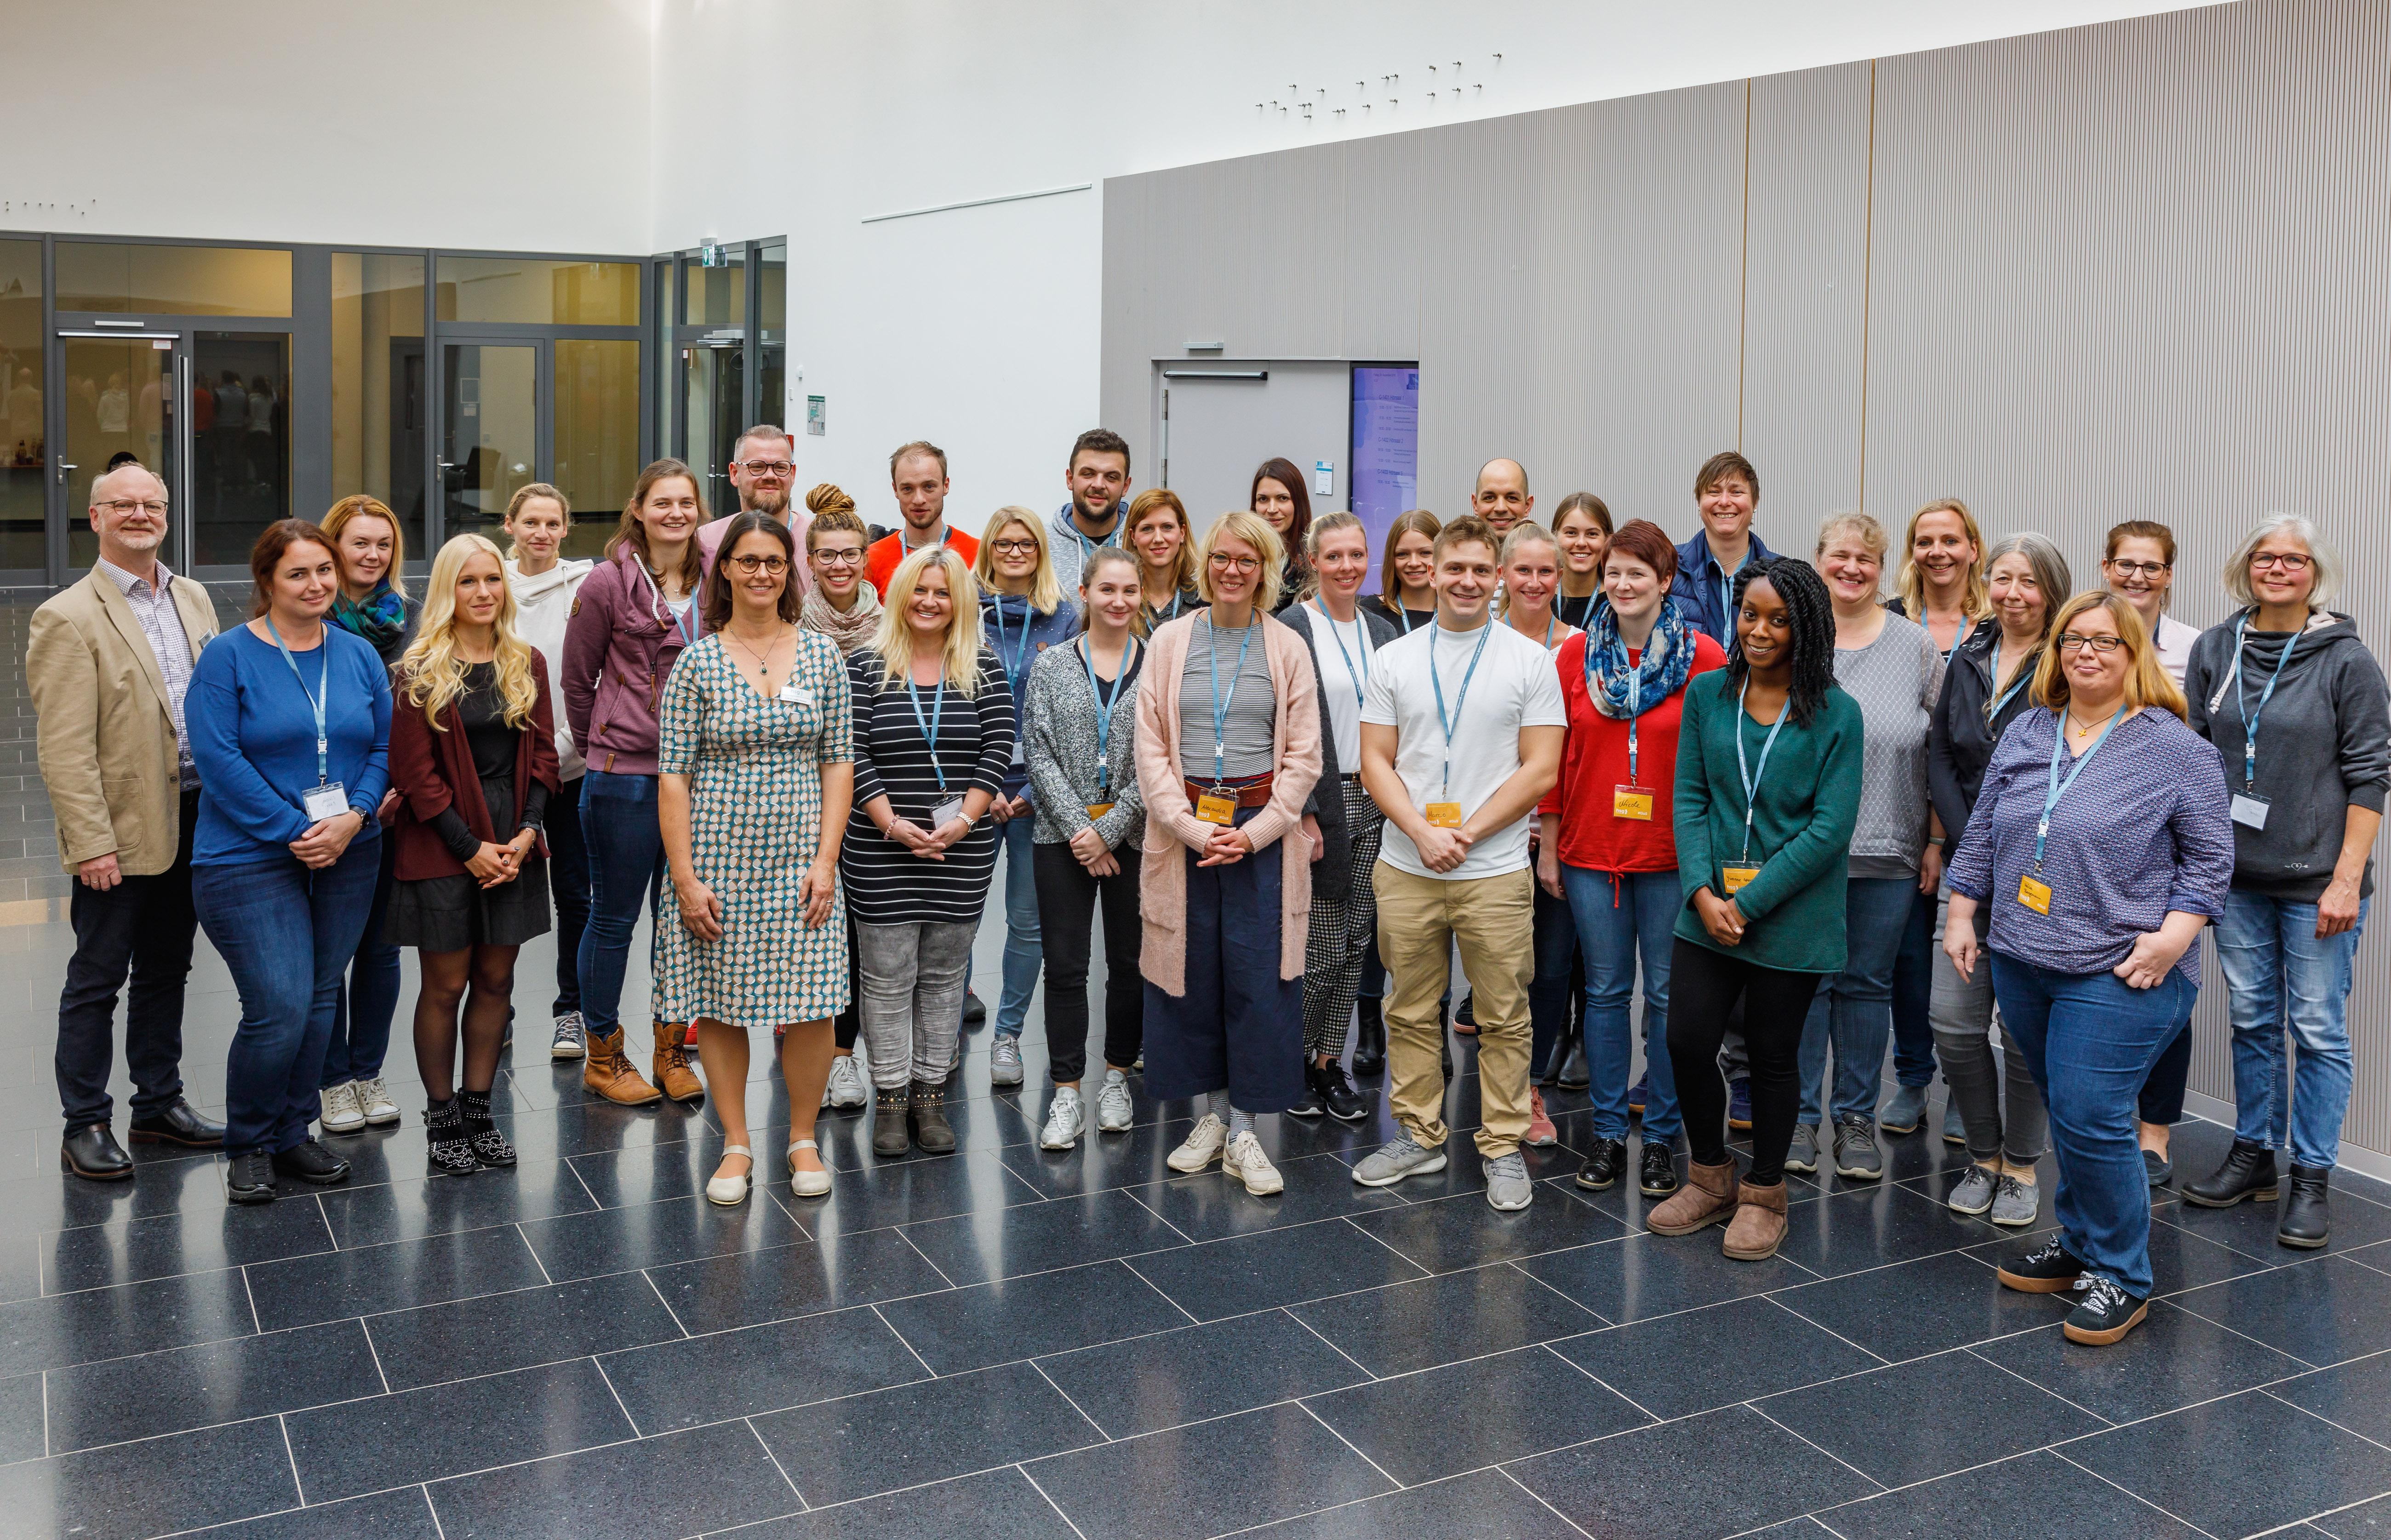 Studienanfänger*innen 'Gesundheit und Sozialraum' der hsg Bochum